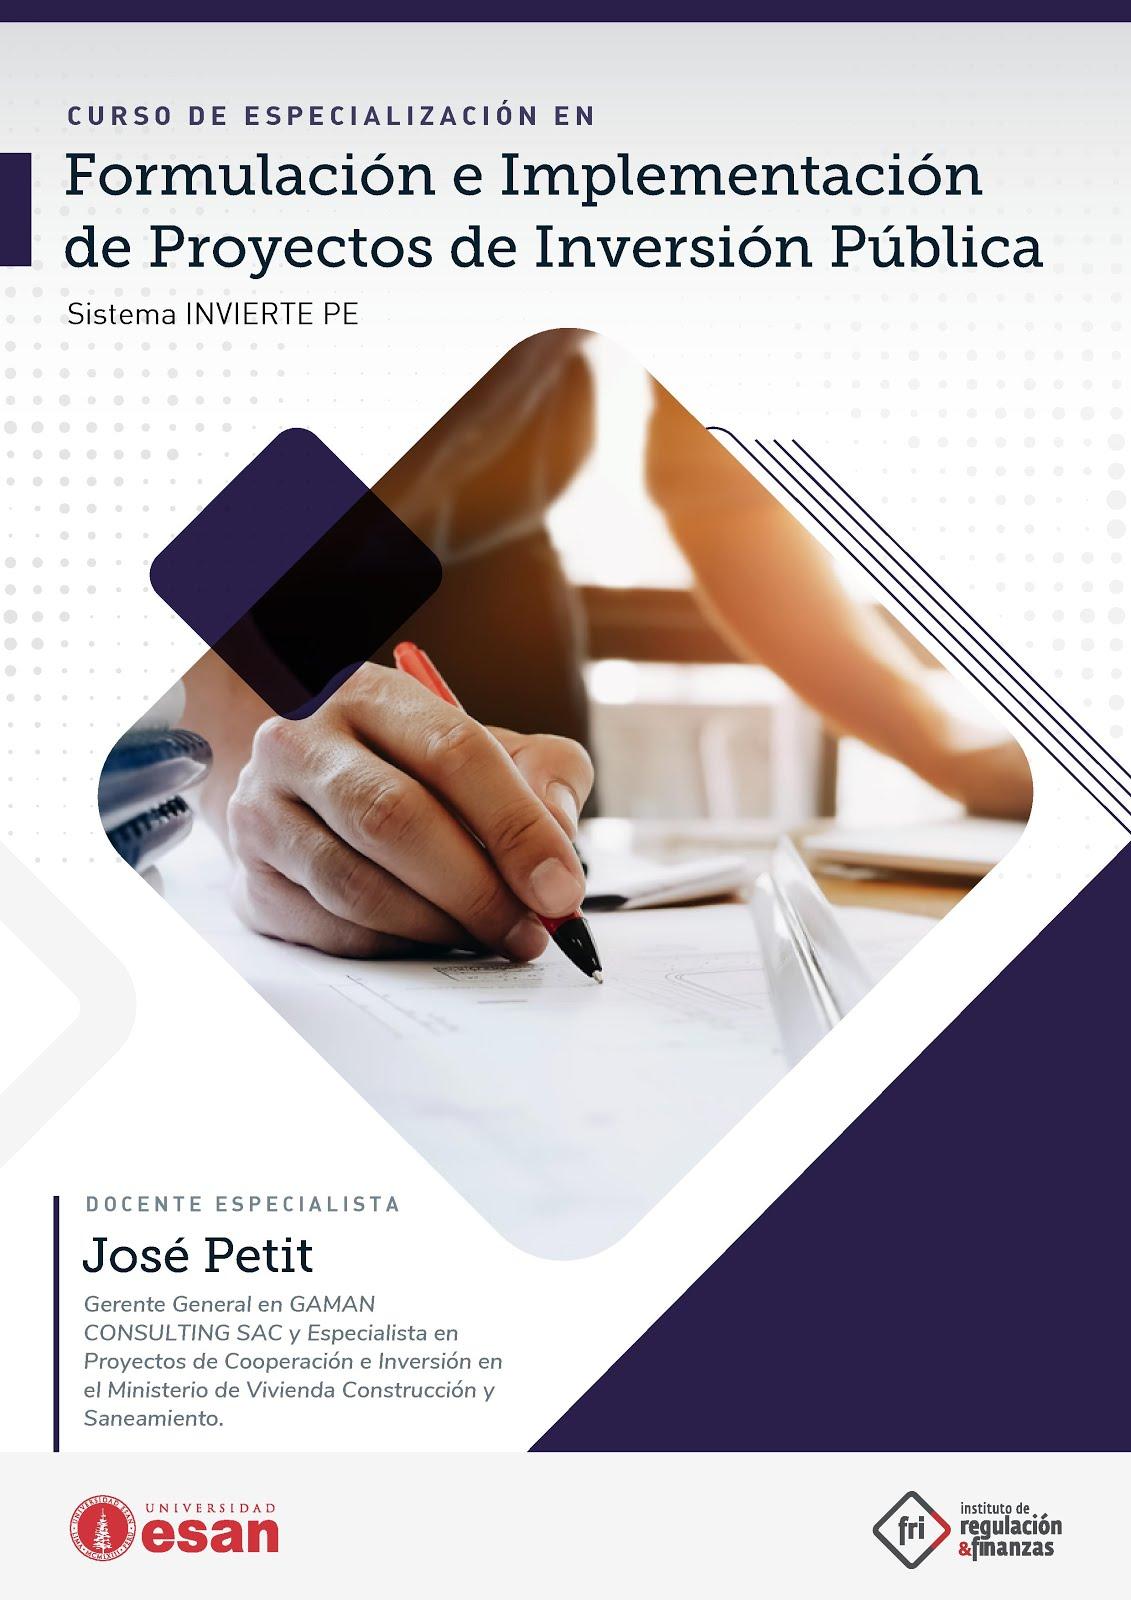 Formulación de Proyectos -Curso ESAN 1